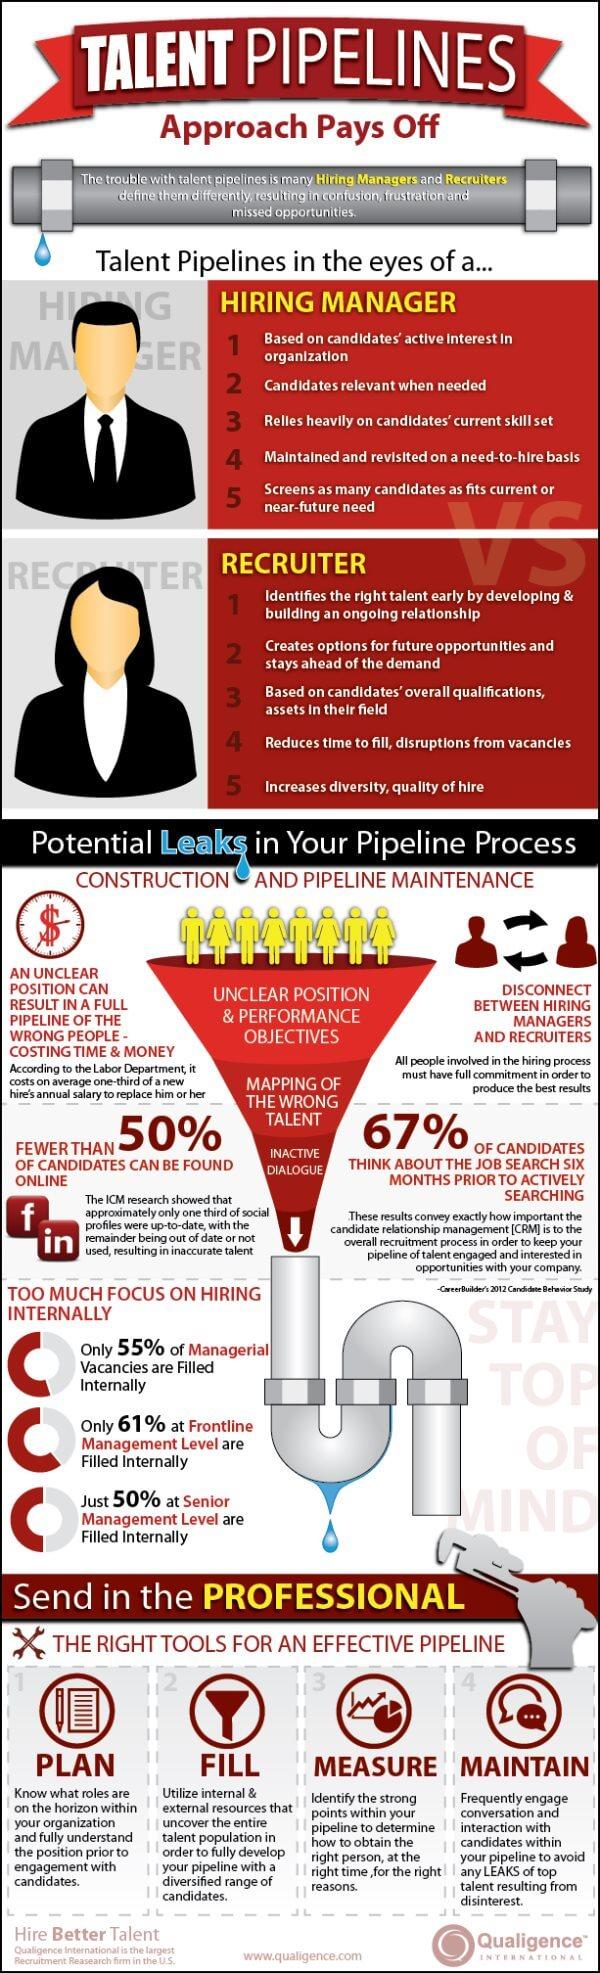 Wie entwickle ich erfolgreiche Talent Pipelines? - Infographic